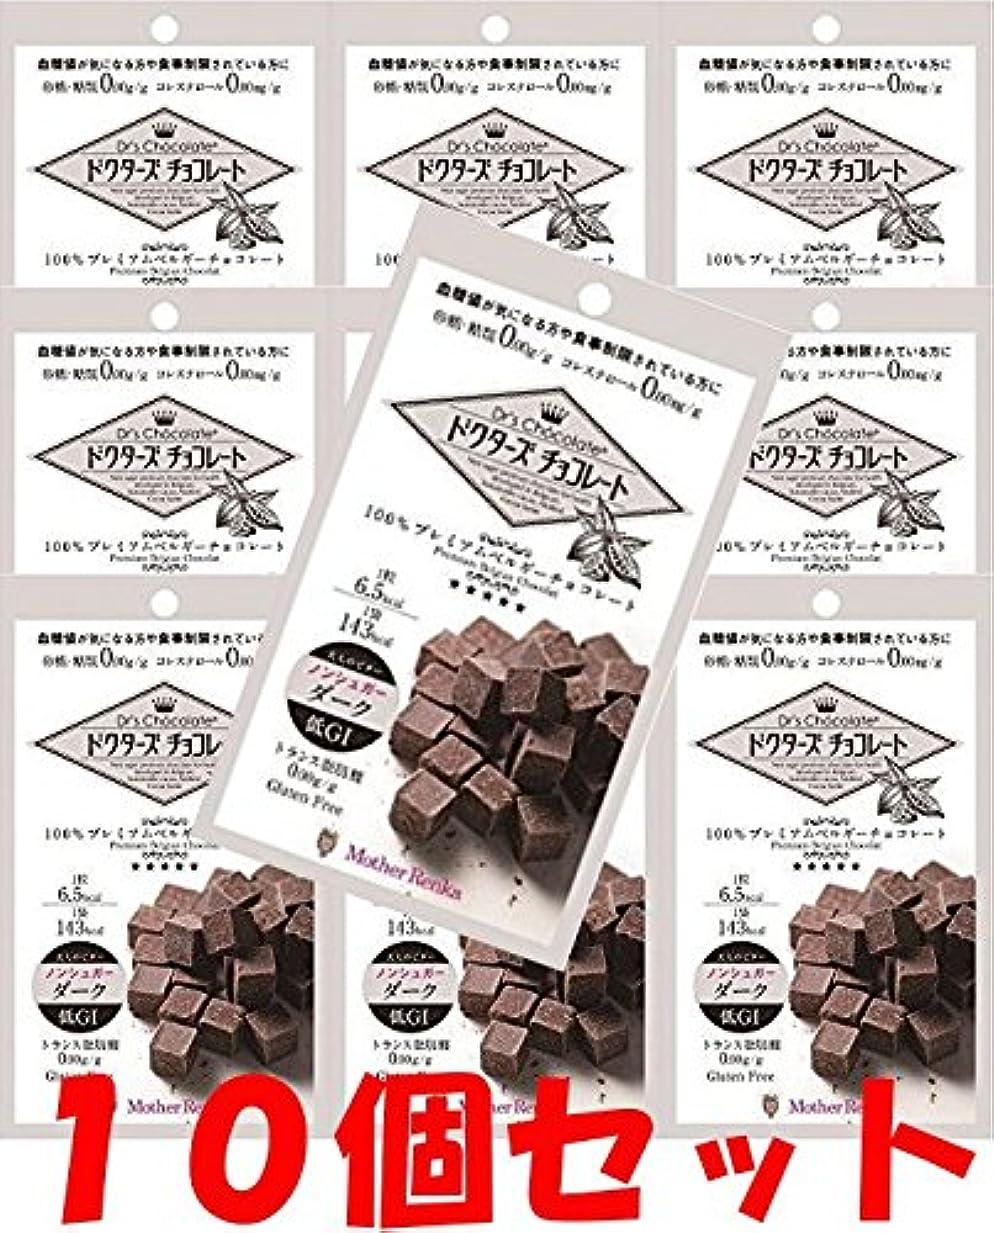 あまりにもハドルに渡って【10個セット】ドクターズ チョコレート ノンシュガーダーク 30g